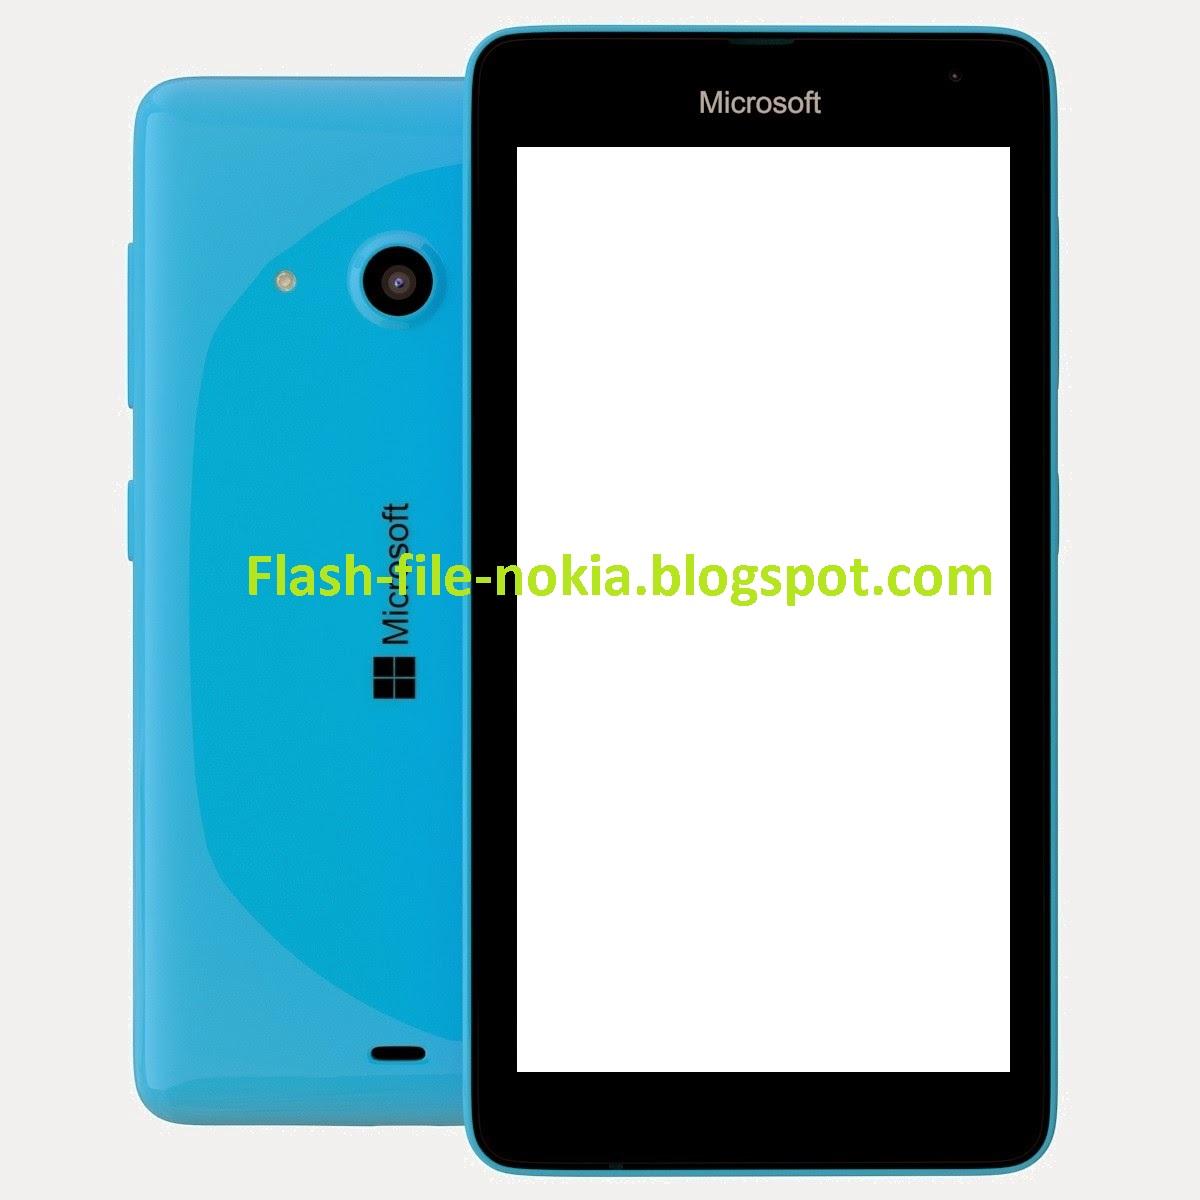 Nokia lumia 535 RM 1090 flash file- Firmware 100% tested